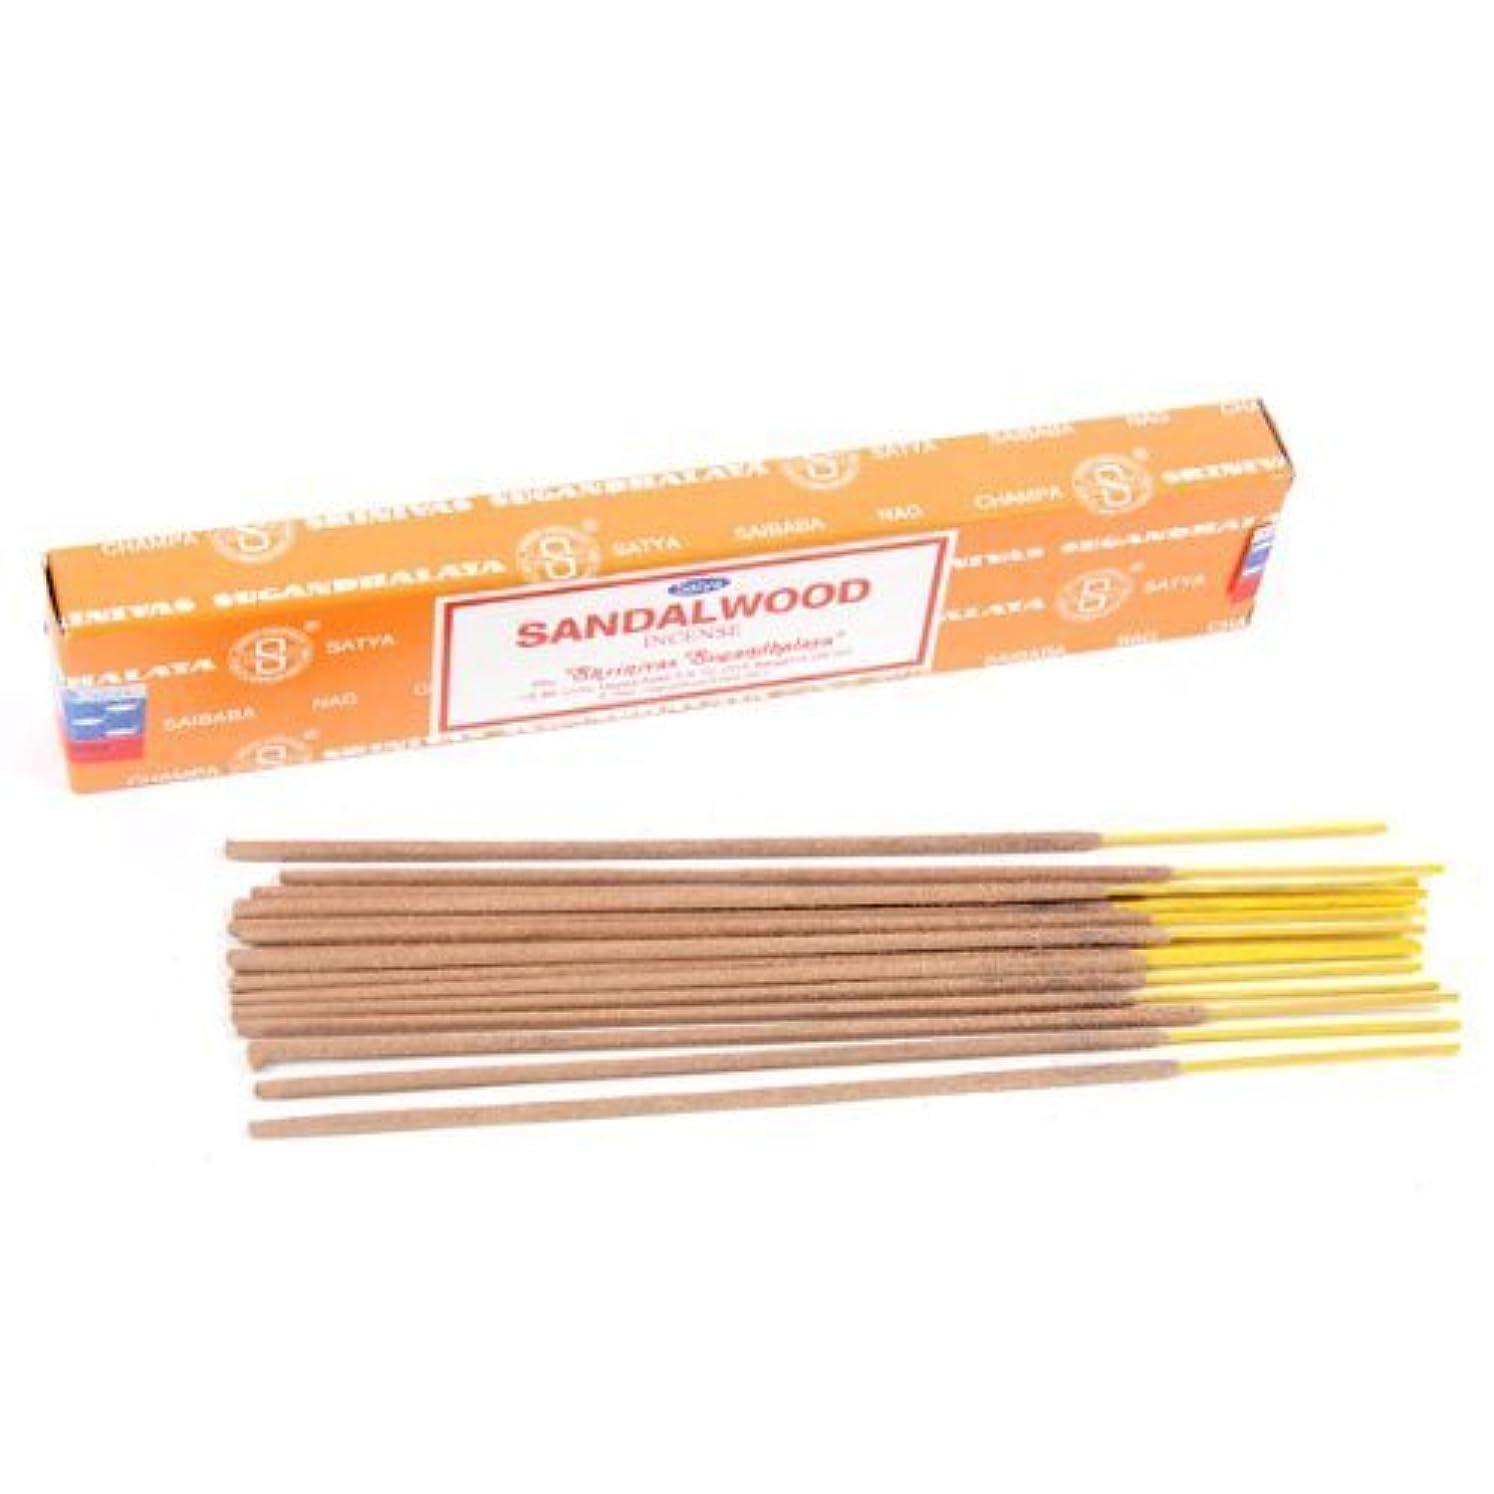 蜜努力する医薬Satya Sandalwood Nag Champa 12 Incense Sticks by Puckator [並行輸入品]